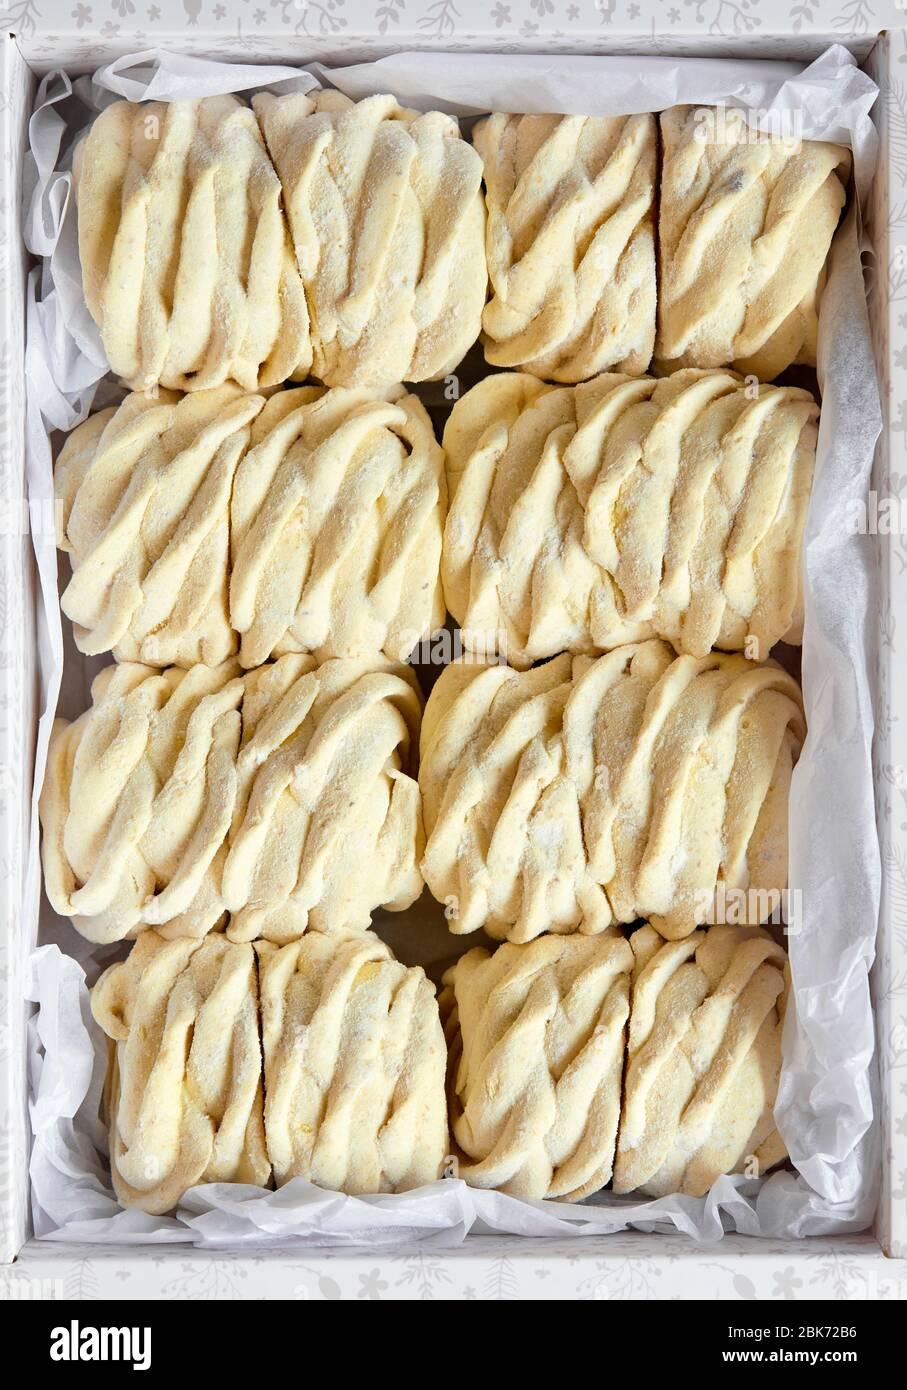 Zephyr casero dulce amarillo o Marshmallow de plátano fresco en la vista superior de la caja de papel Foto de stock